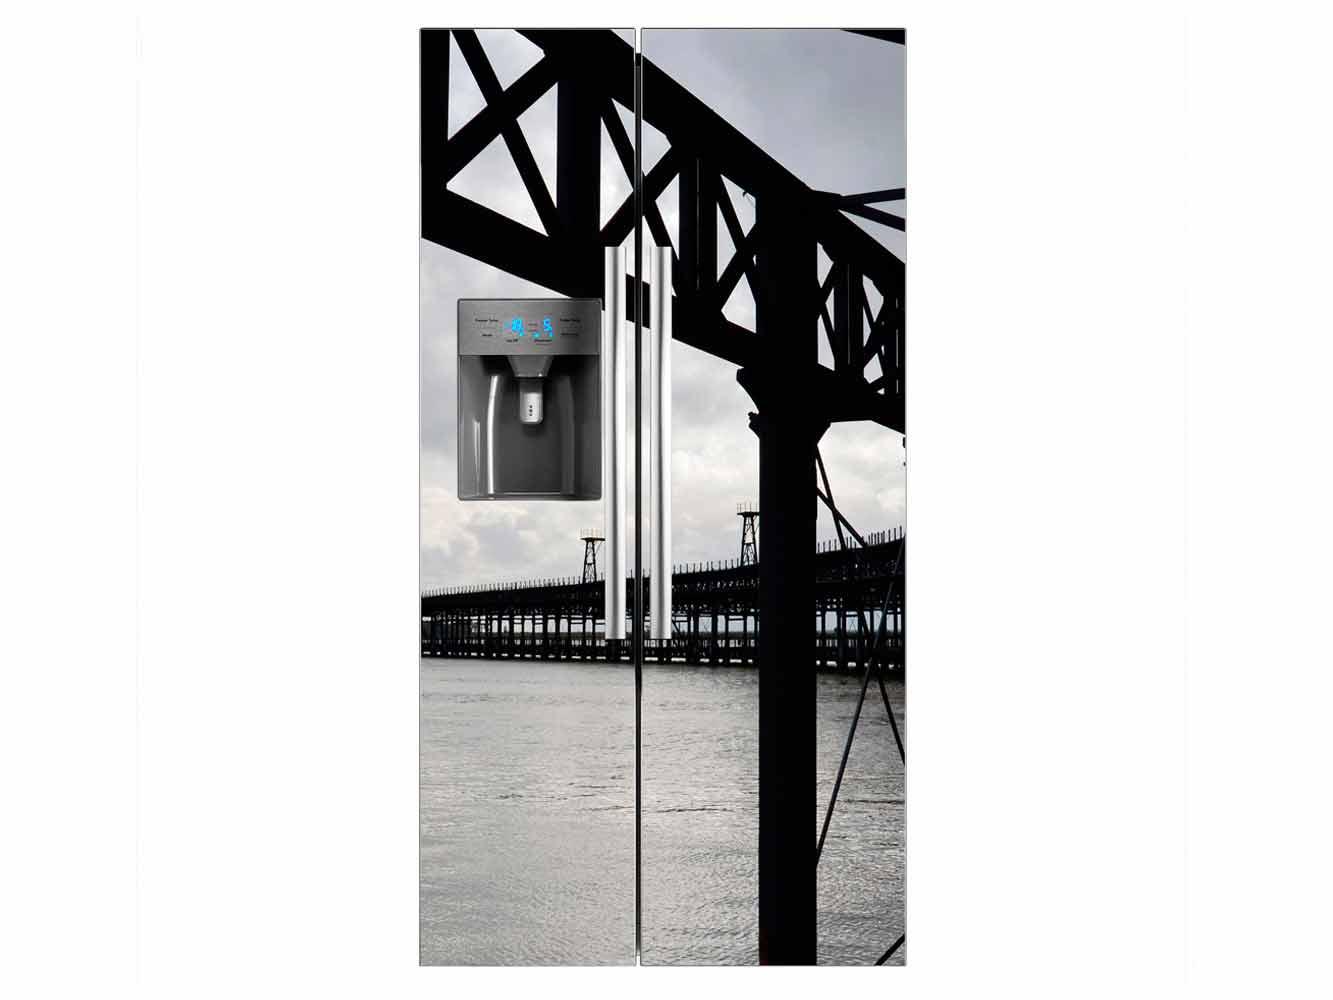 Vinilo Frigorífico Americano Muelle Oscuro | Carteles XXL - Impresión carteleria publicitaria